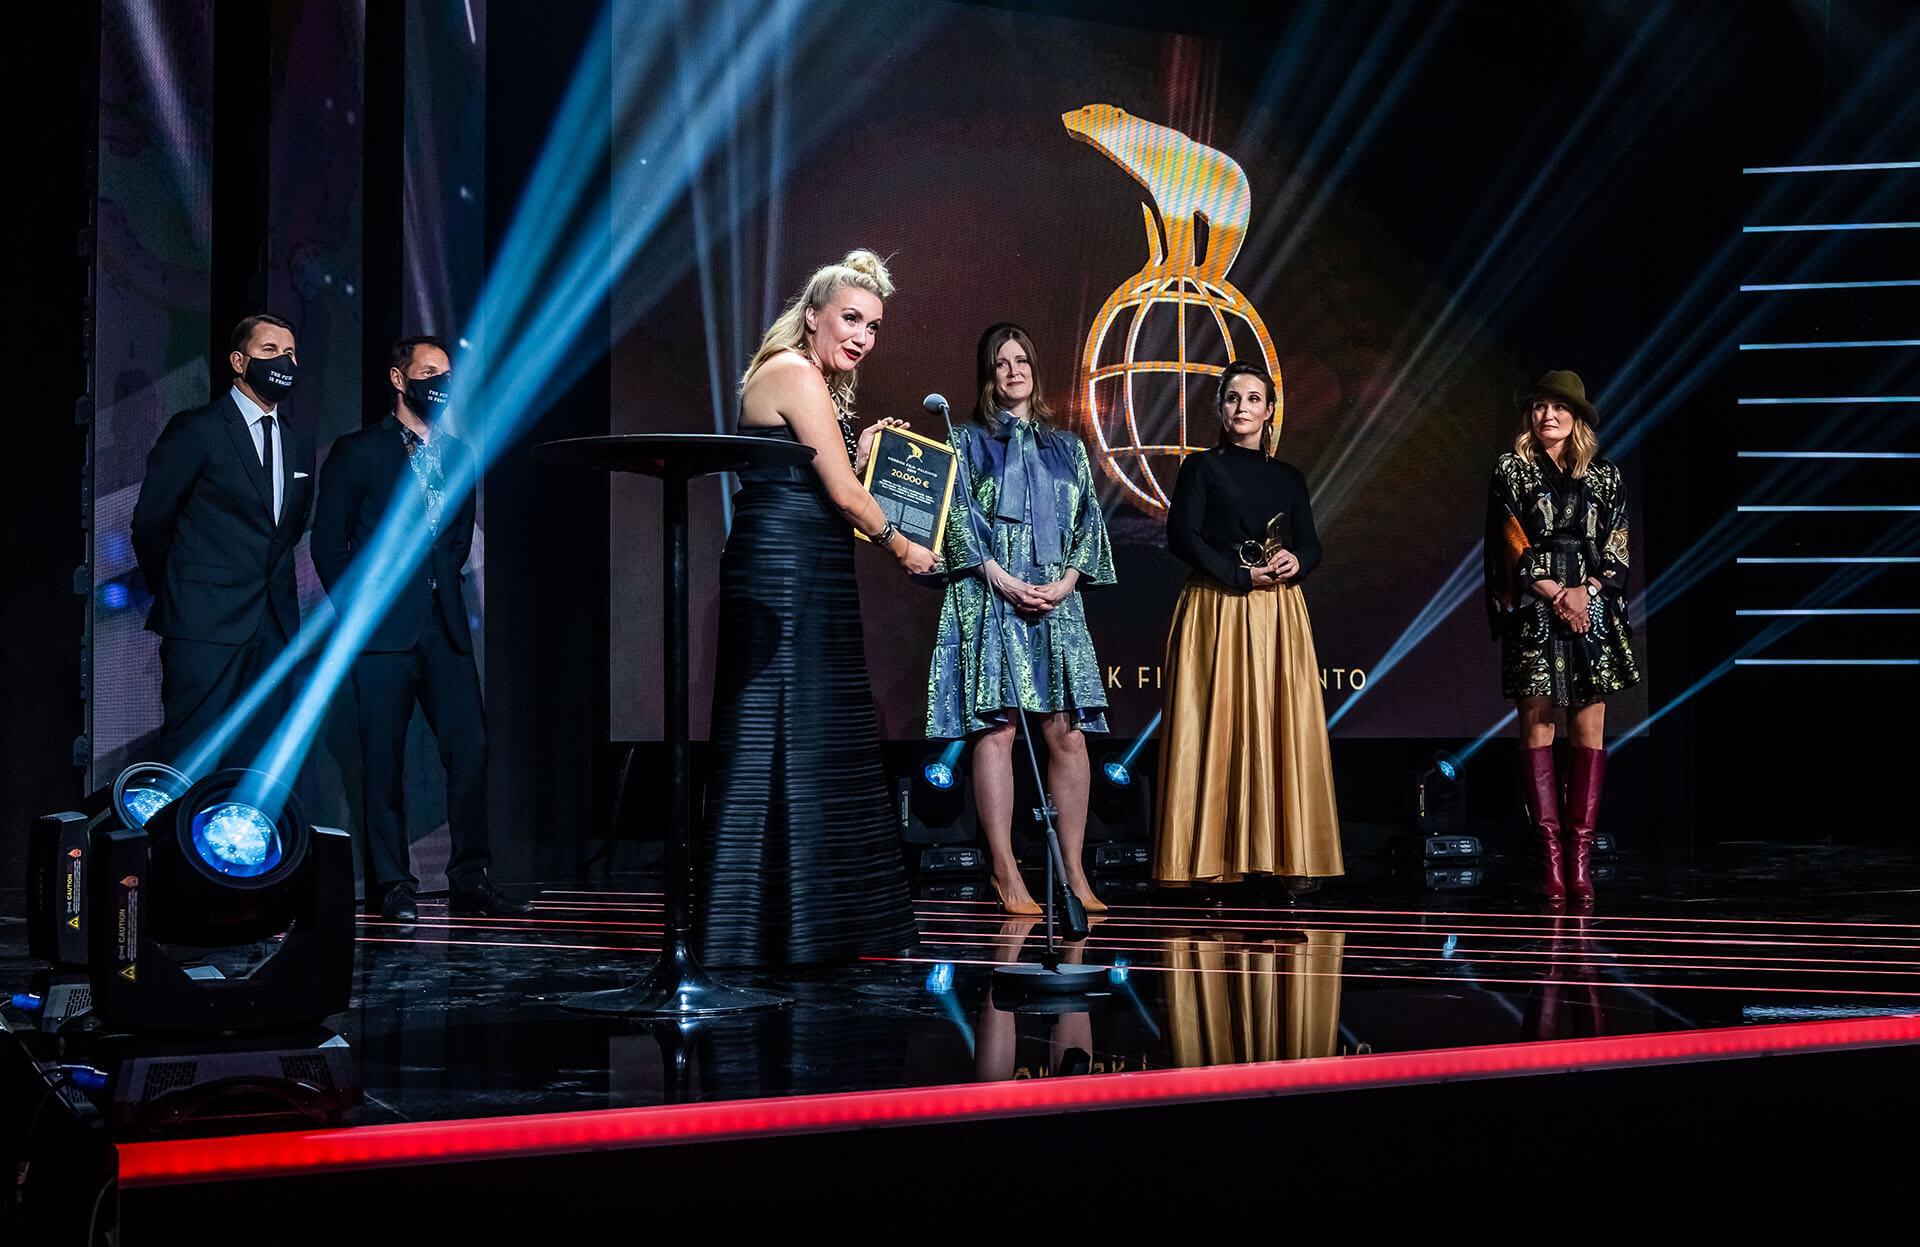 Elokuva-alan Nordisk Film -tunnustuspalkinto myönnettiin elokuvan Tottumiskysymys tuottajalle, ohjaajille ja käsikirjoittajille